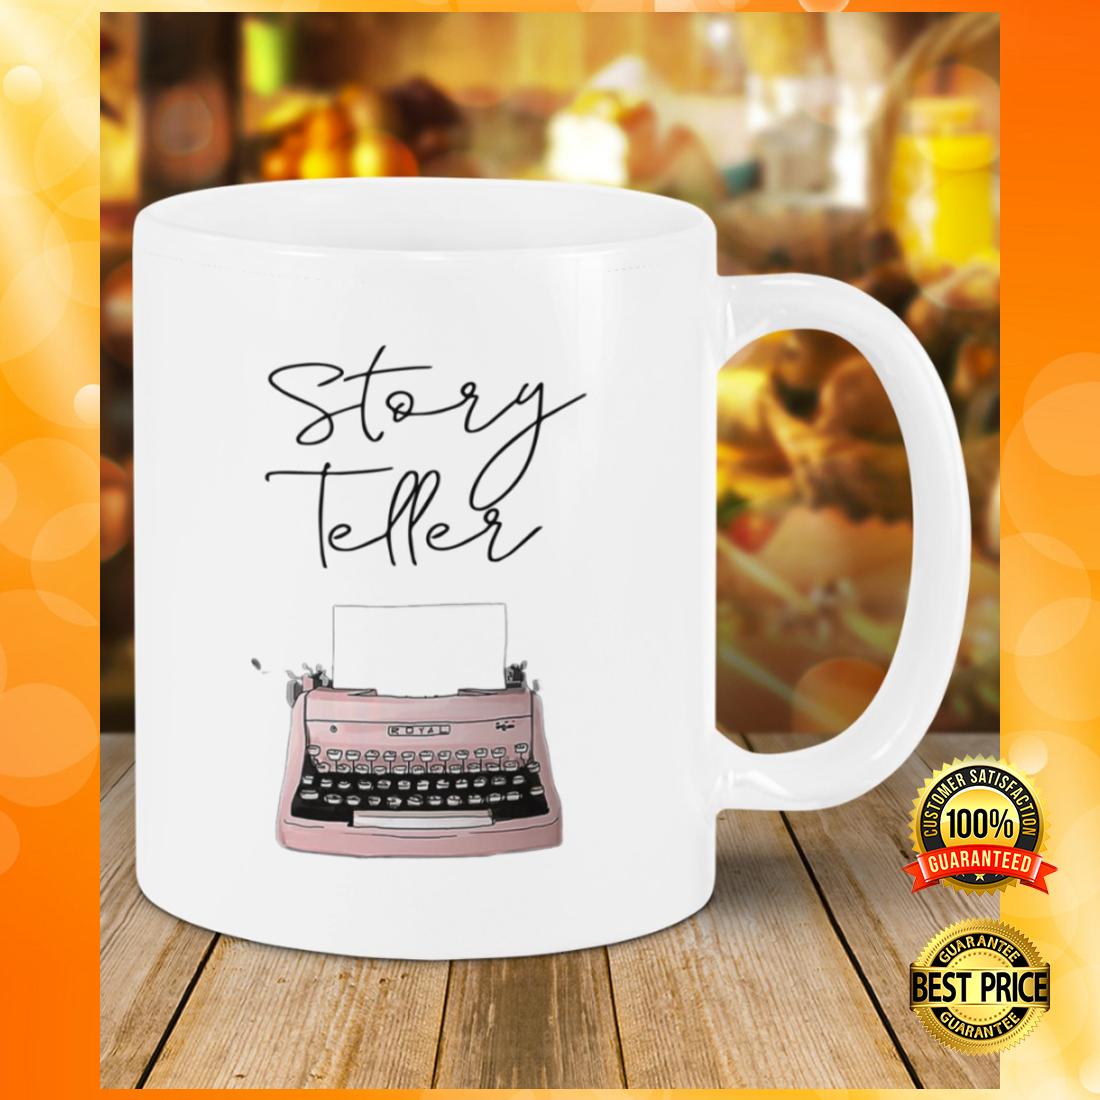 [SALE OFF] WRITER STORYTELLER MUG